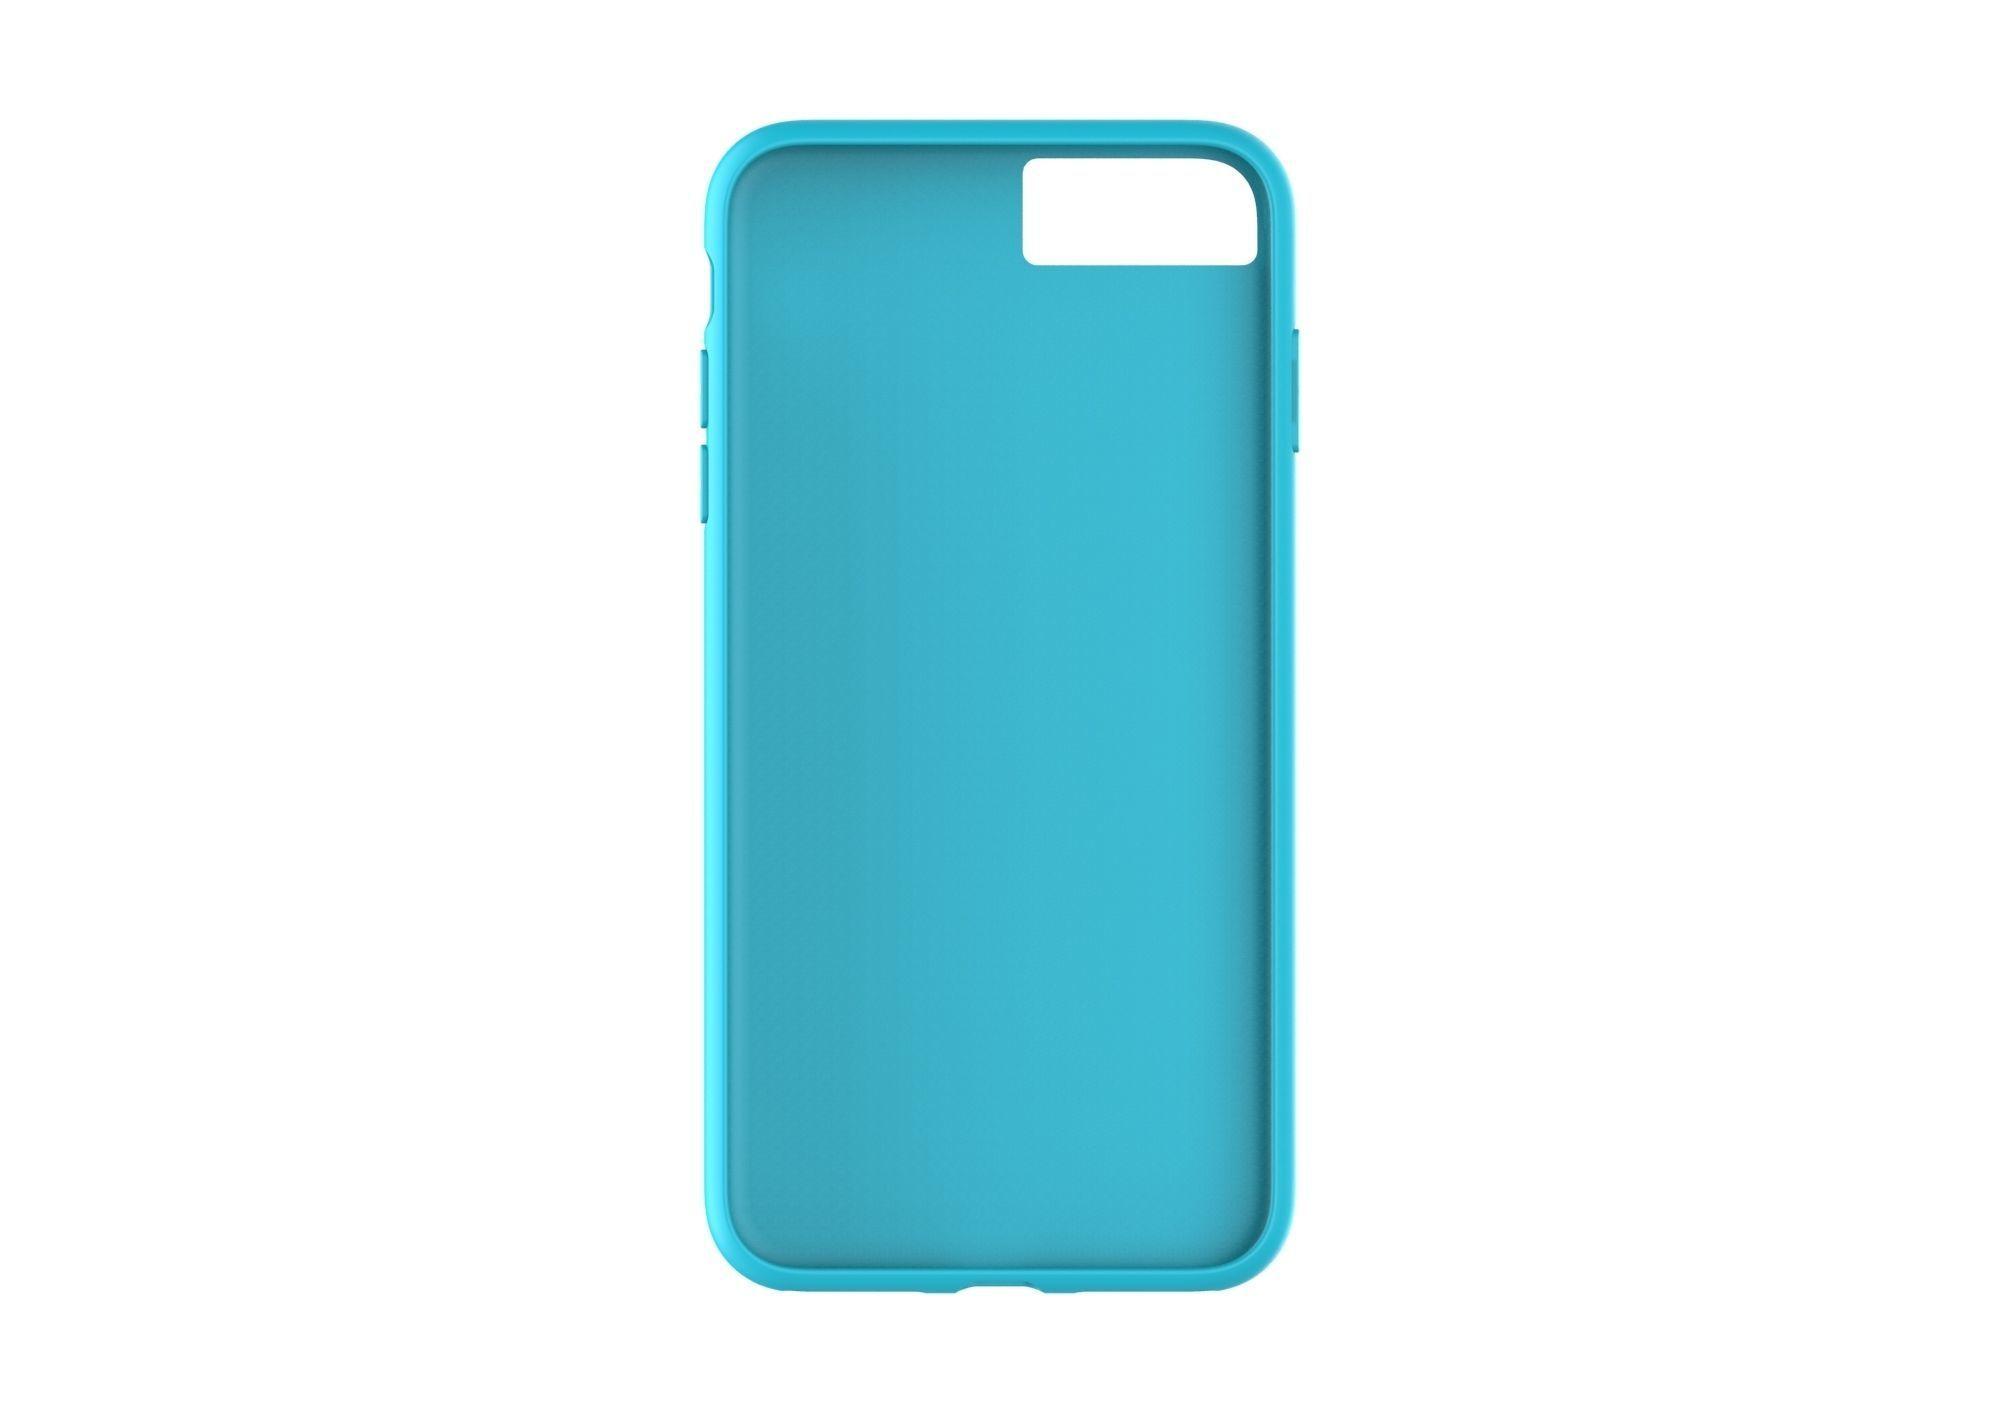 iphone 8plus blue case Original customizable design